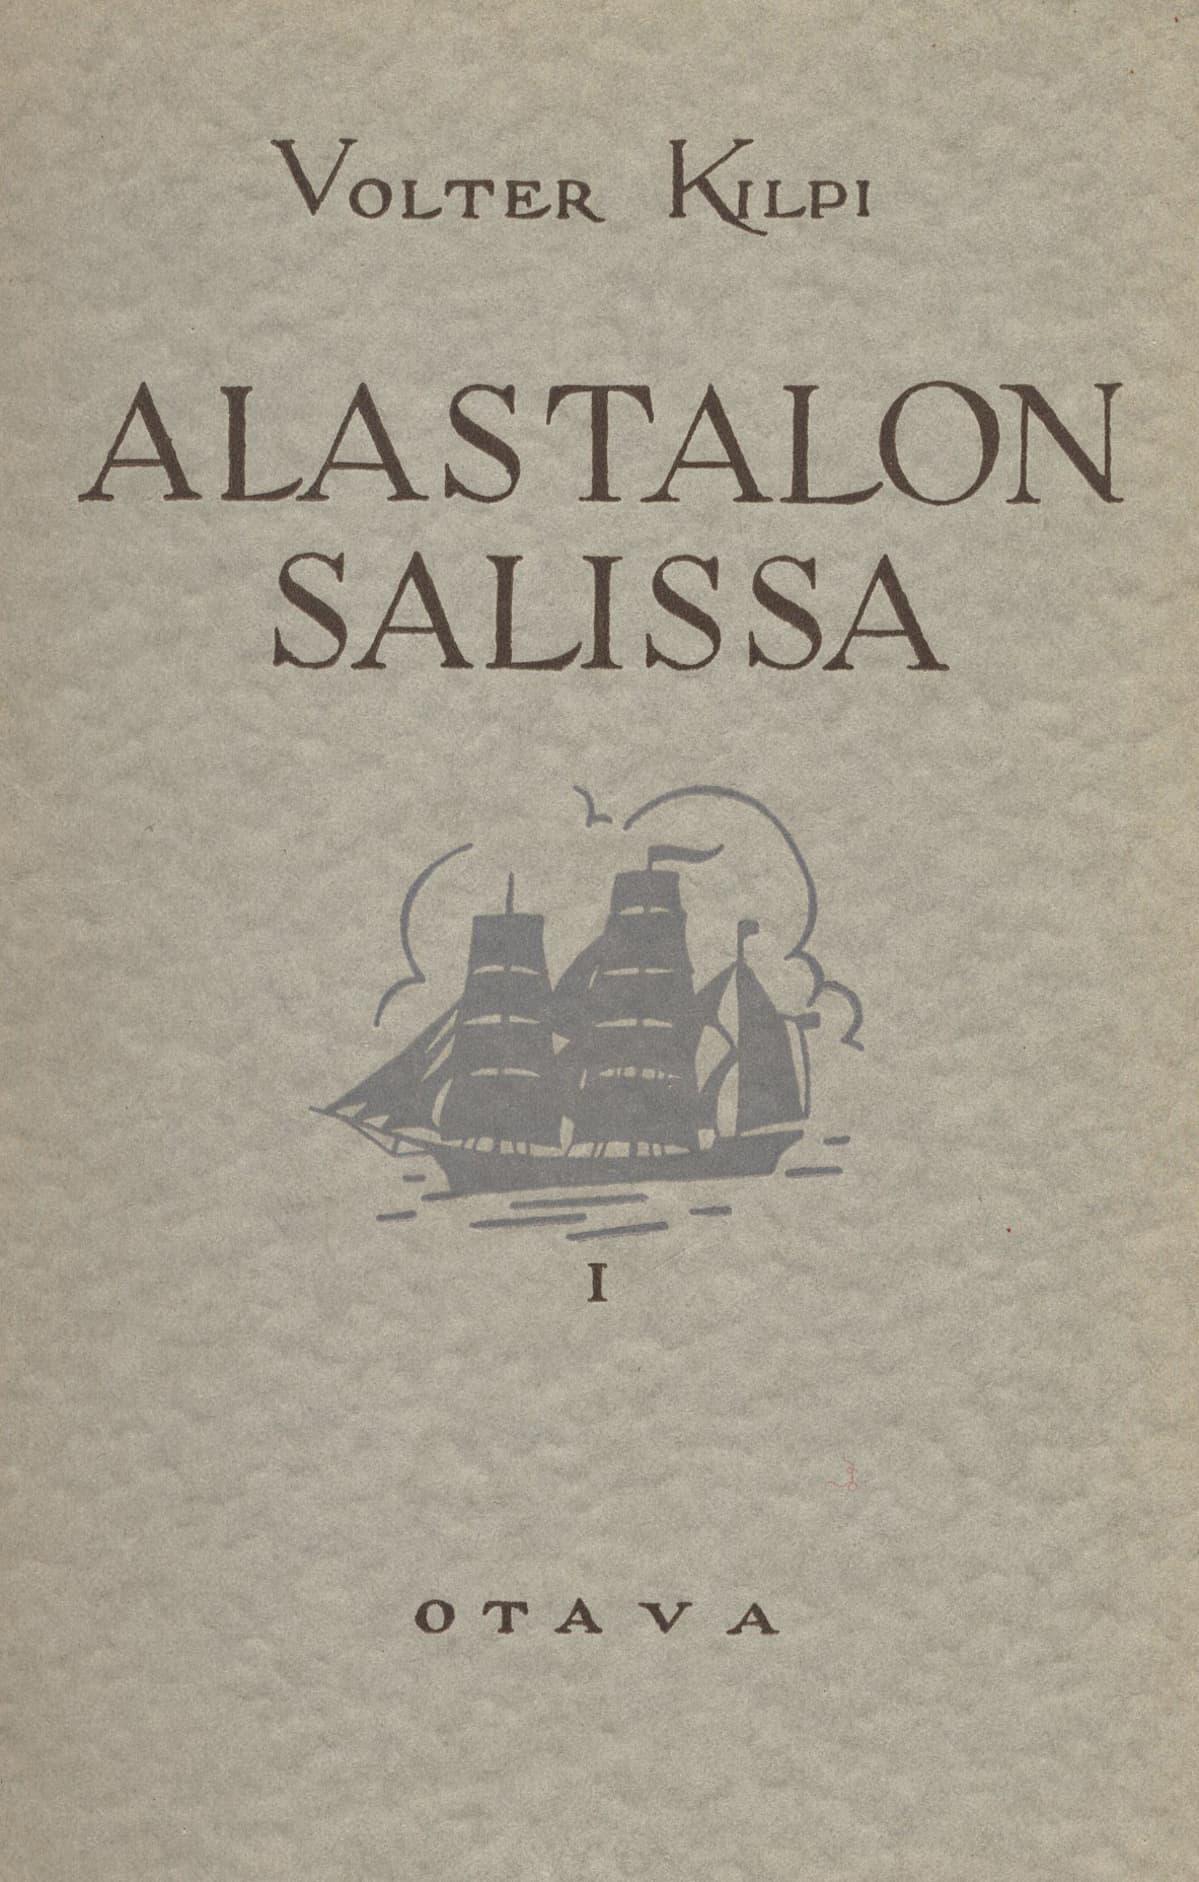 Vain harva on lukenut, mutta silti moni väittää niin – huomisesta lähtien  helpottaa, sillä 900-sivuisen merkkiteoksen voi kuunnella äänikirjana   Yle  Uutiset   yle.fi